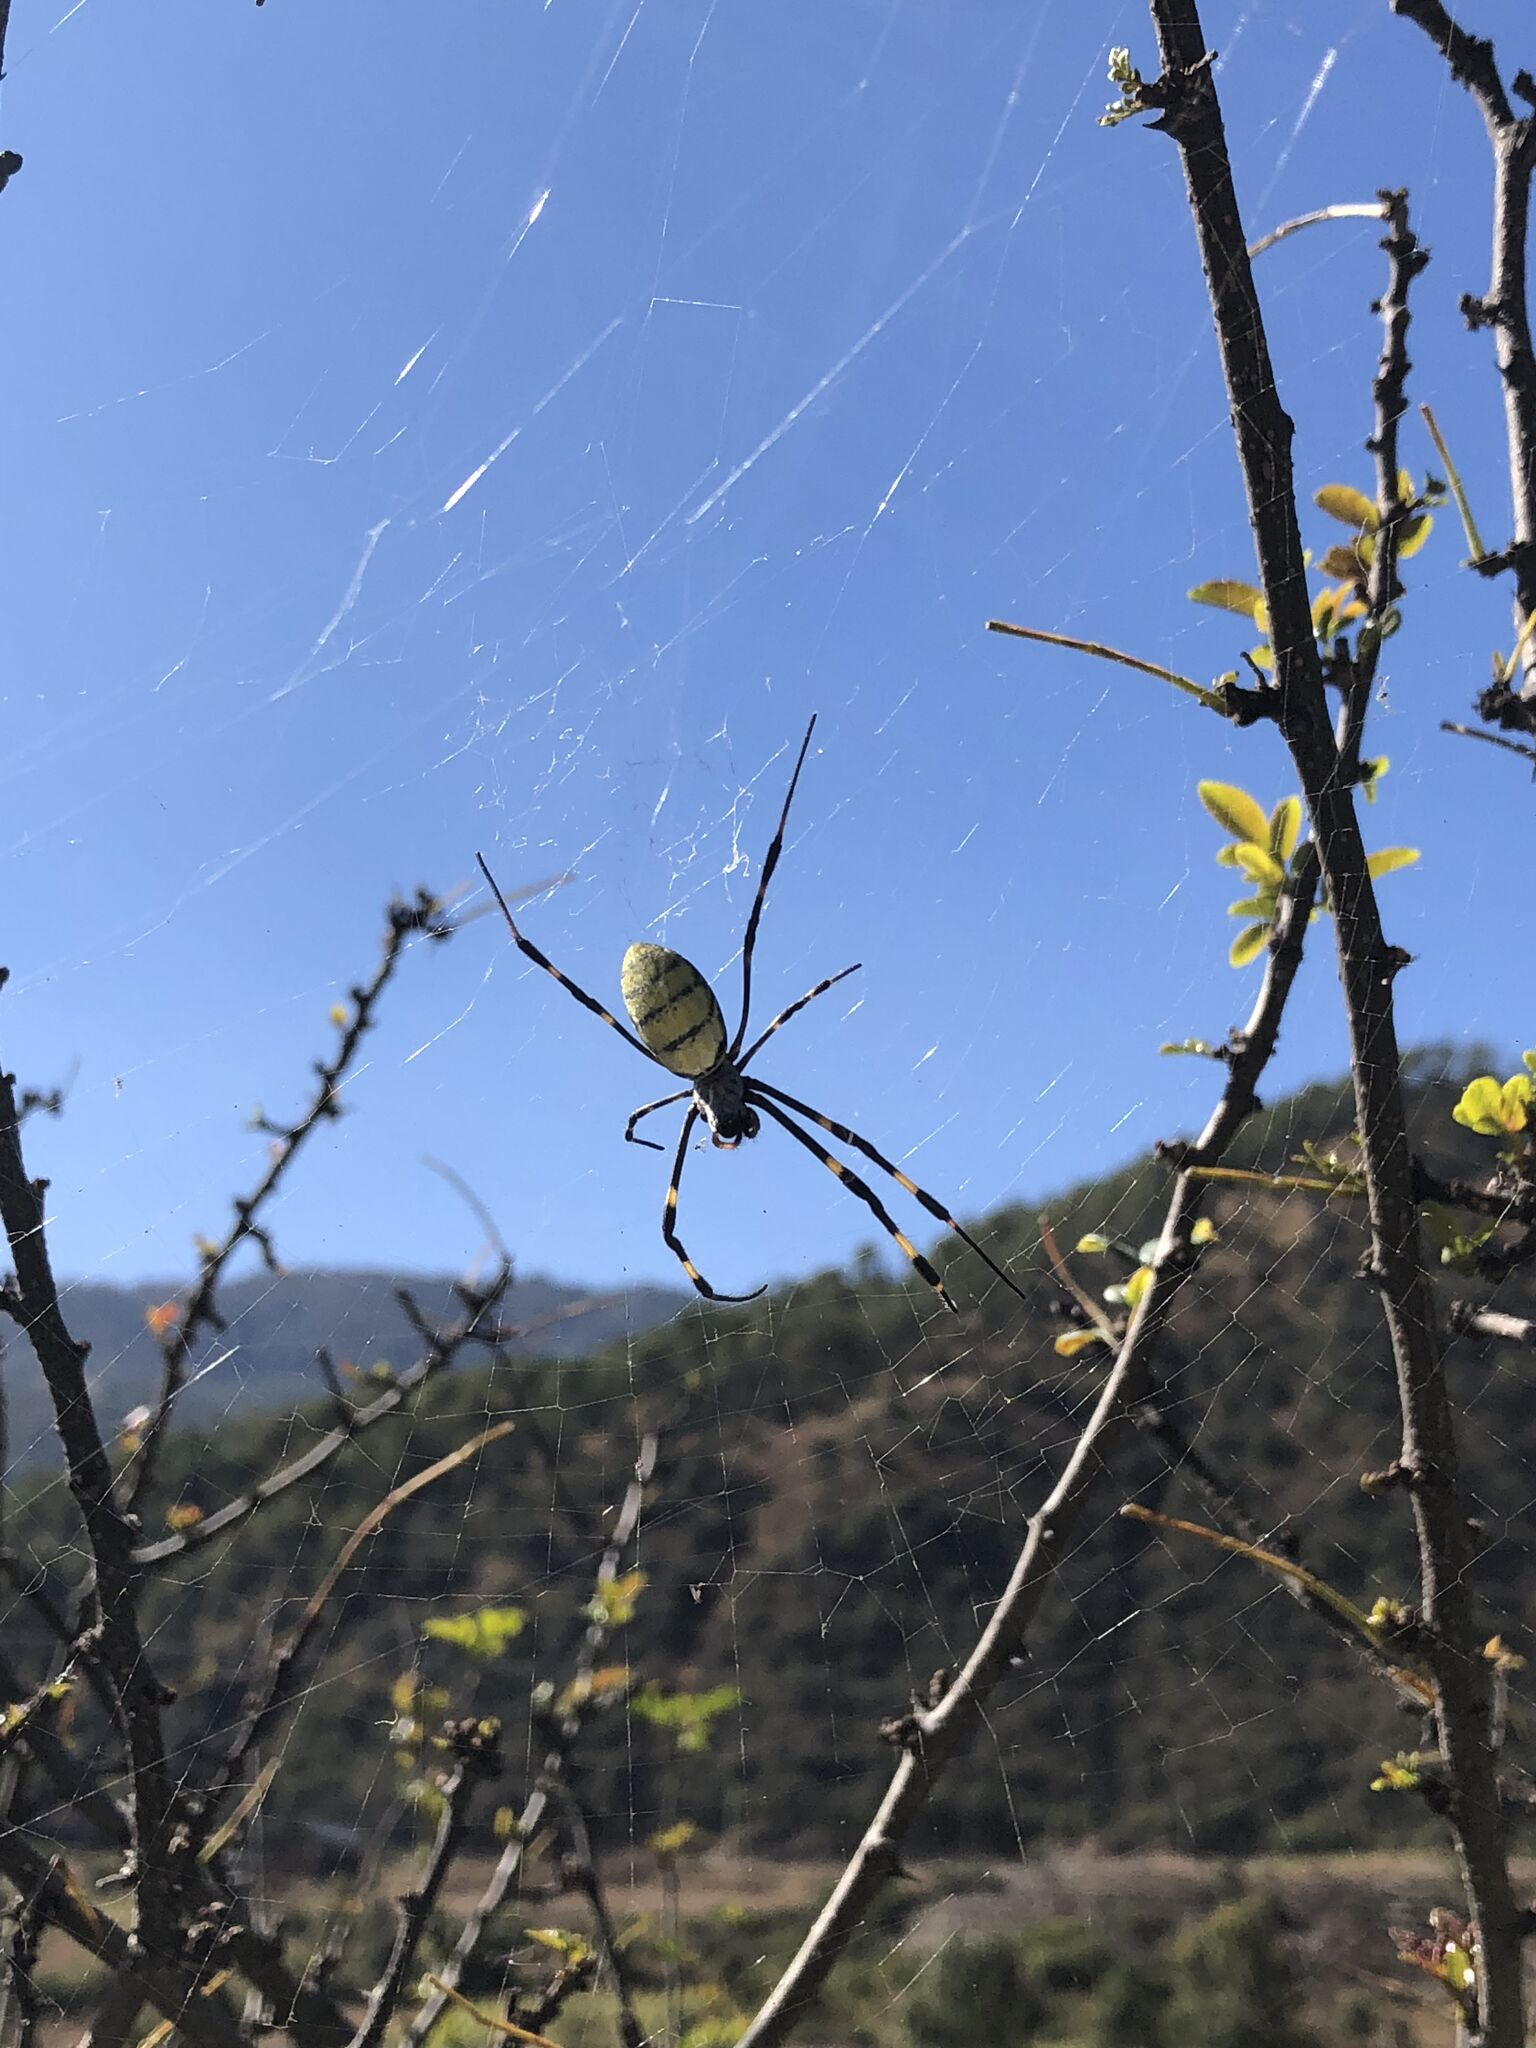 不愧是绿会的志愿者——尽收眼底的当地蜘蛛.jpeg